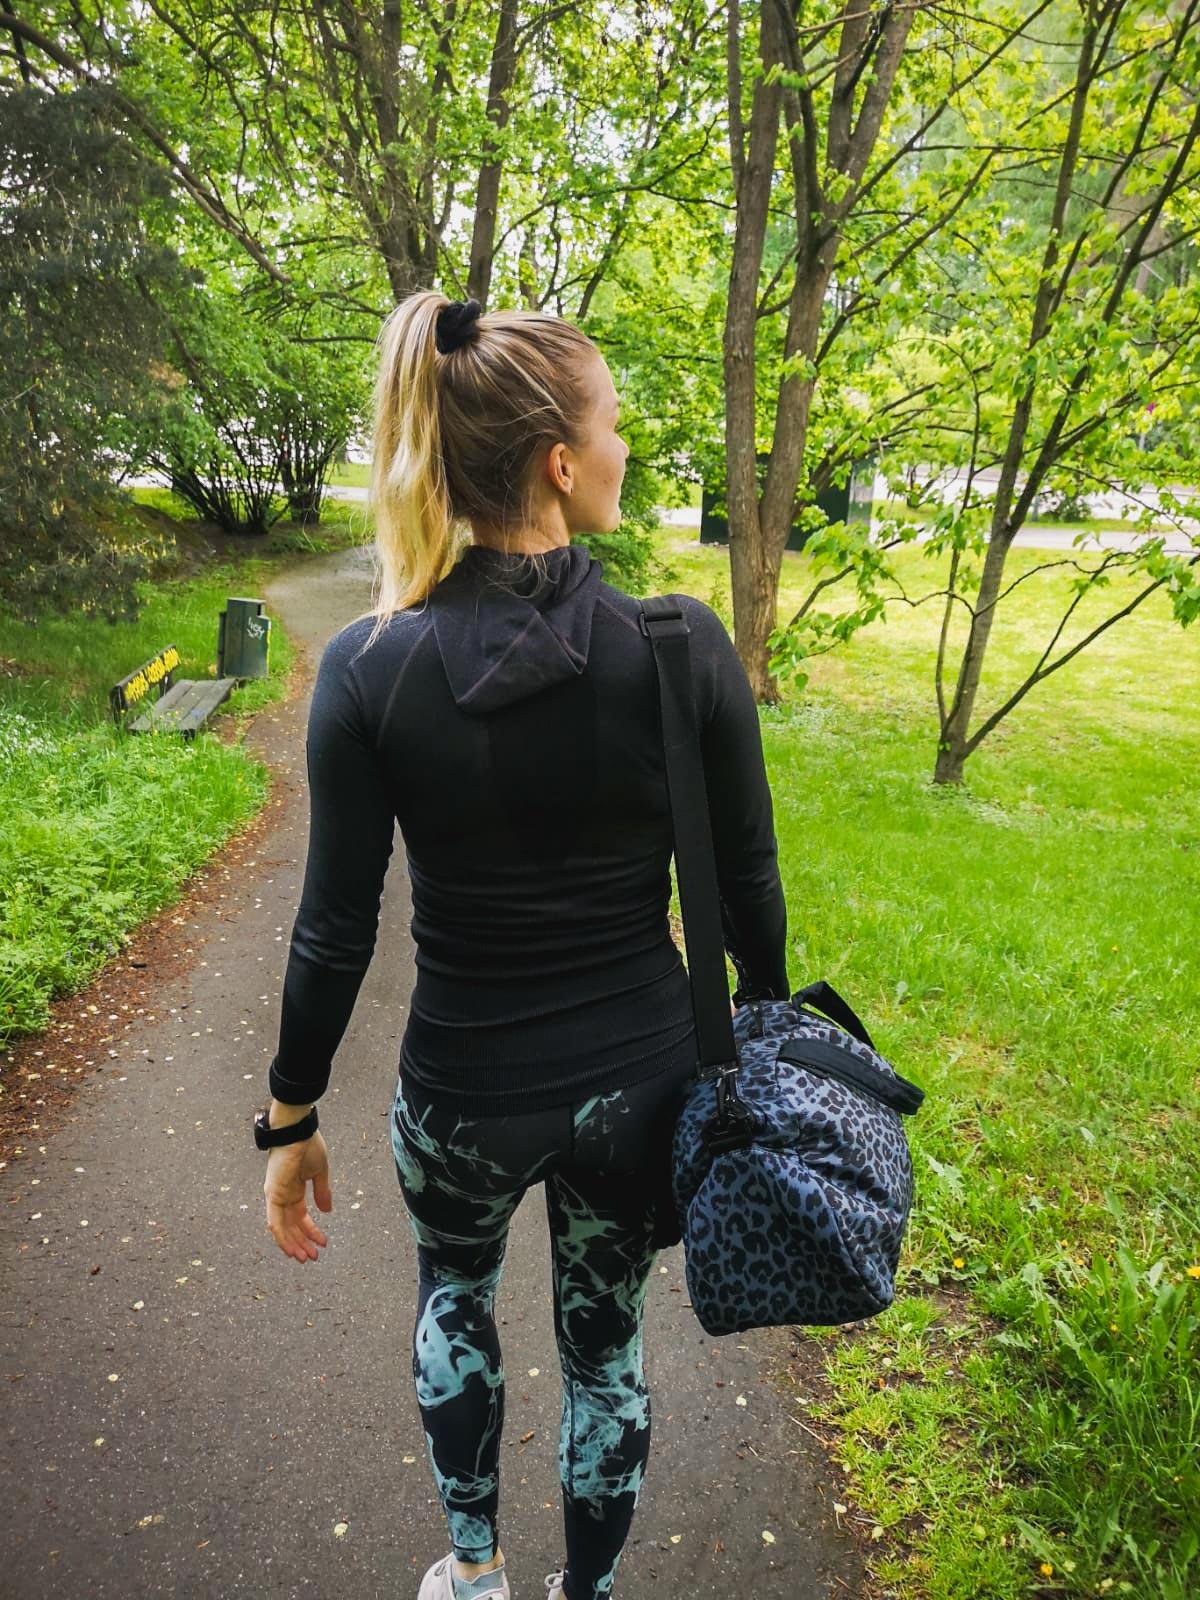 Måste man tycka att träning alltid är kul?